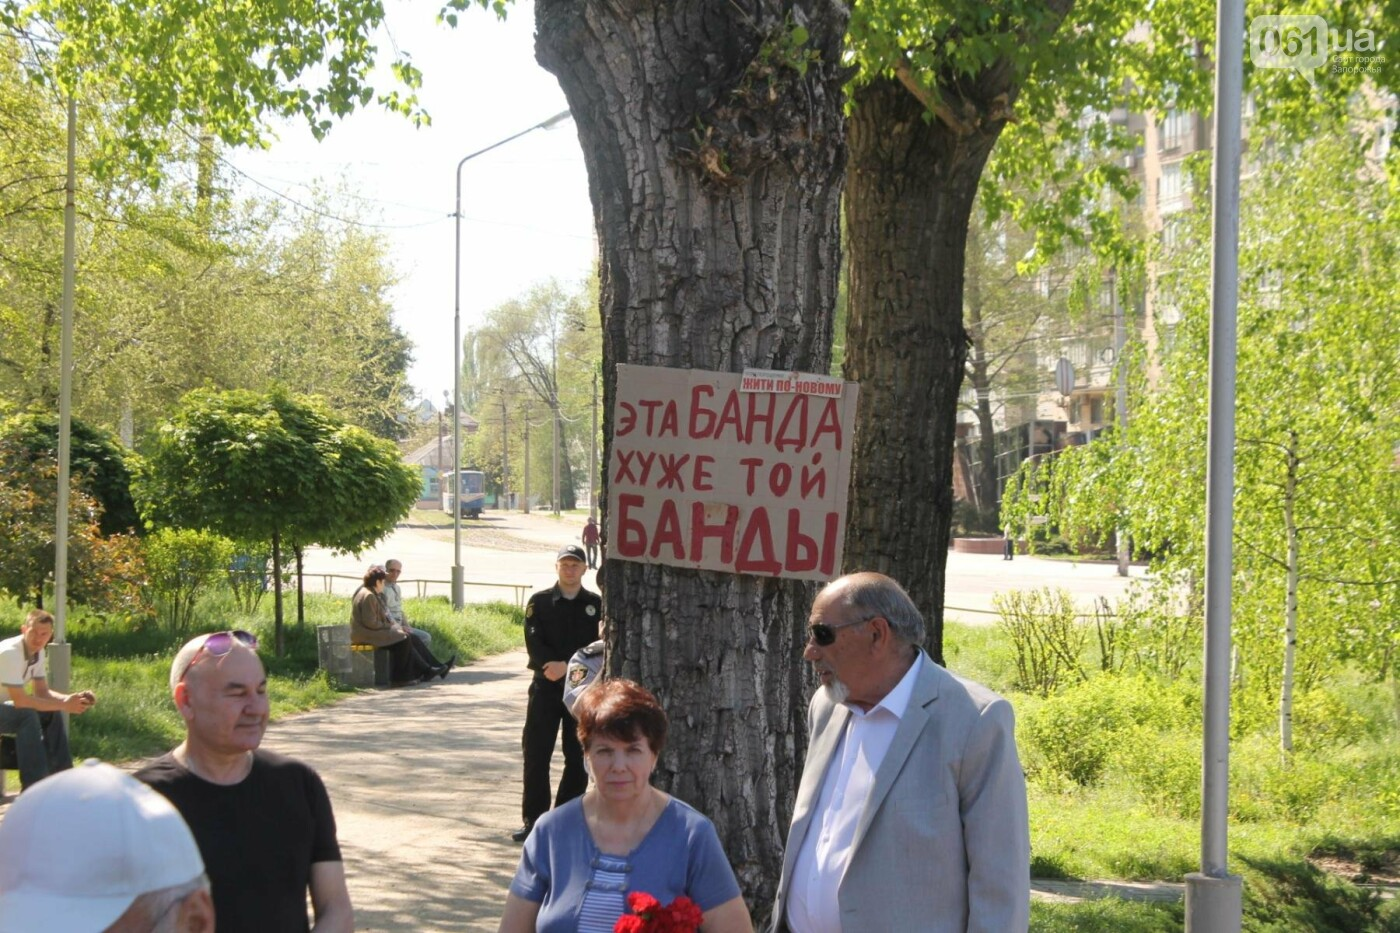 Запорожские коммунисты с красными флагами провели митинг к 1 мая: к «вечному огню» на Свободы пришли полсотни людей, – ФОТОРЕПОРТАЖ, фото-15